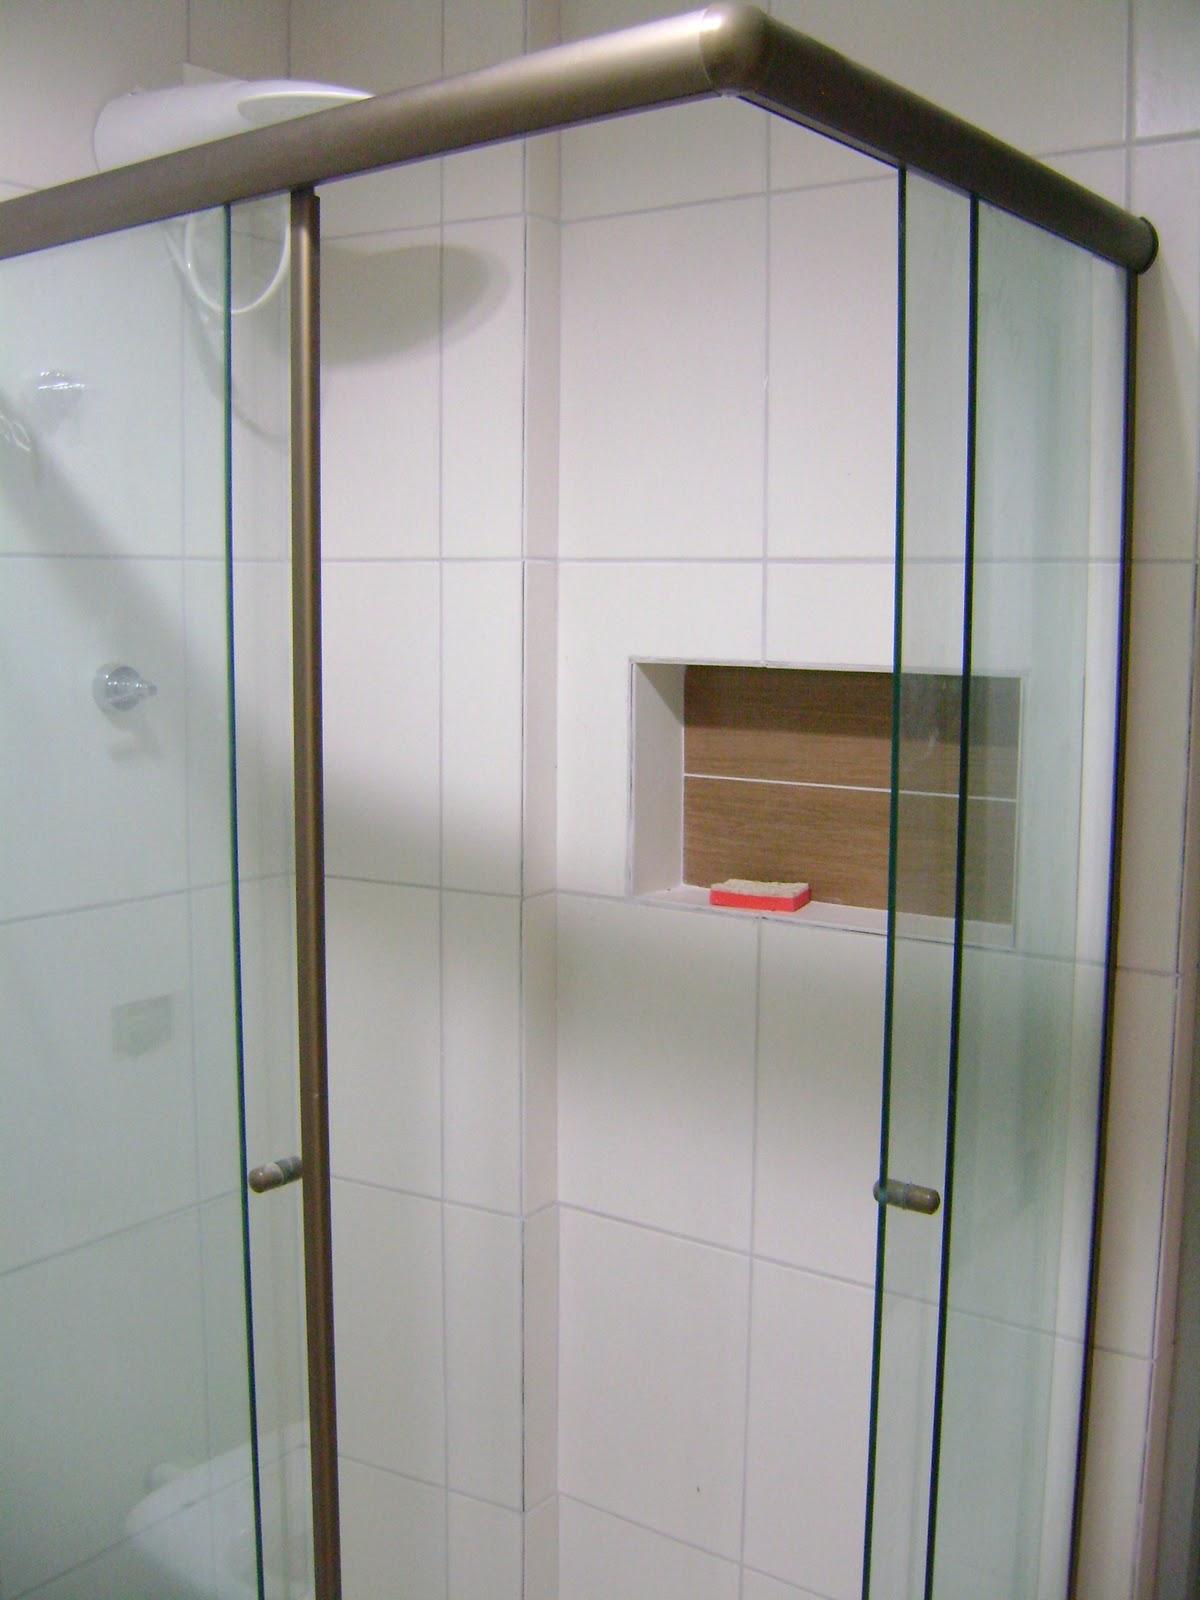 Imagens de #5D4D39 Agora ficou assim: Box blindex transparente um nicho pra lá de fofo  1200x1600 px 3068 Box Banheiro Blindex Recife